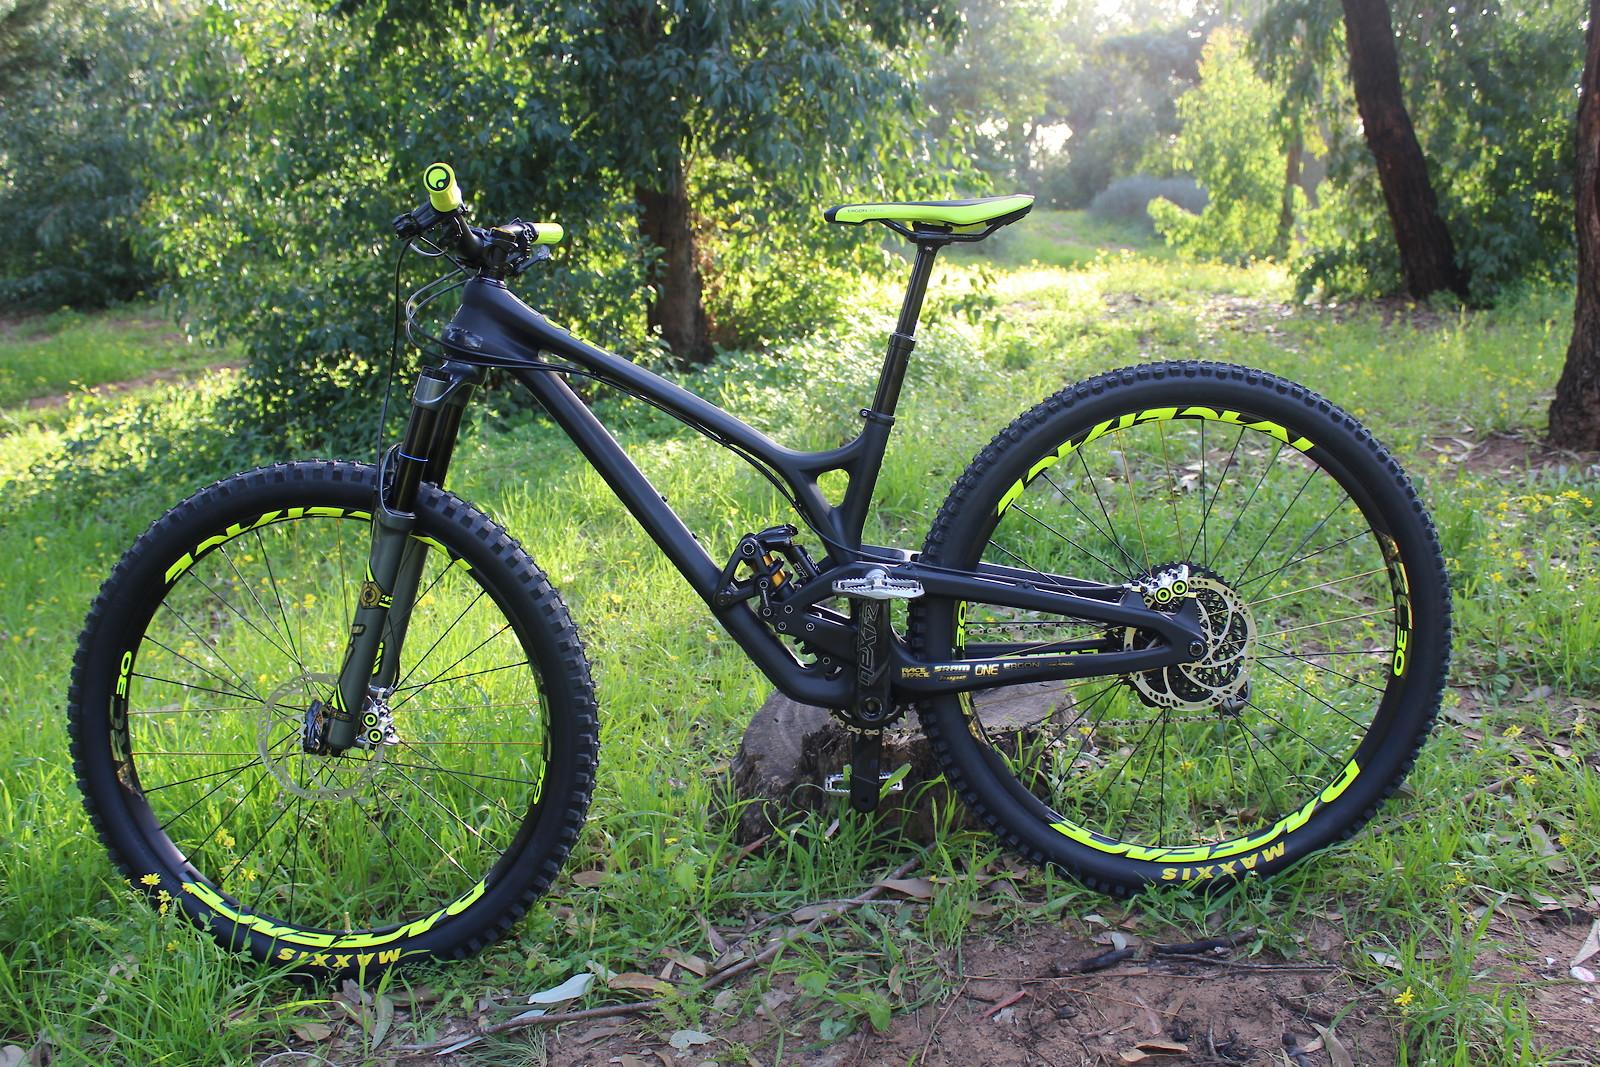 8c9ff280bd3 evil offering 29 - Roval bi's Bike Check - Vital MTB